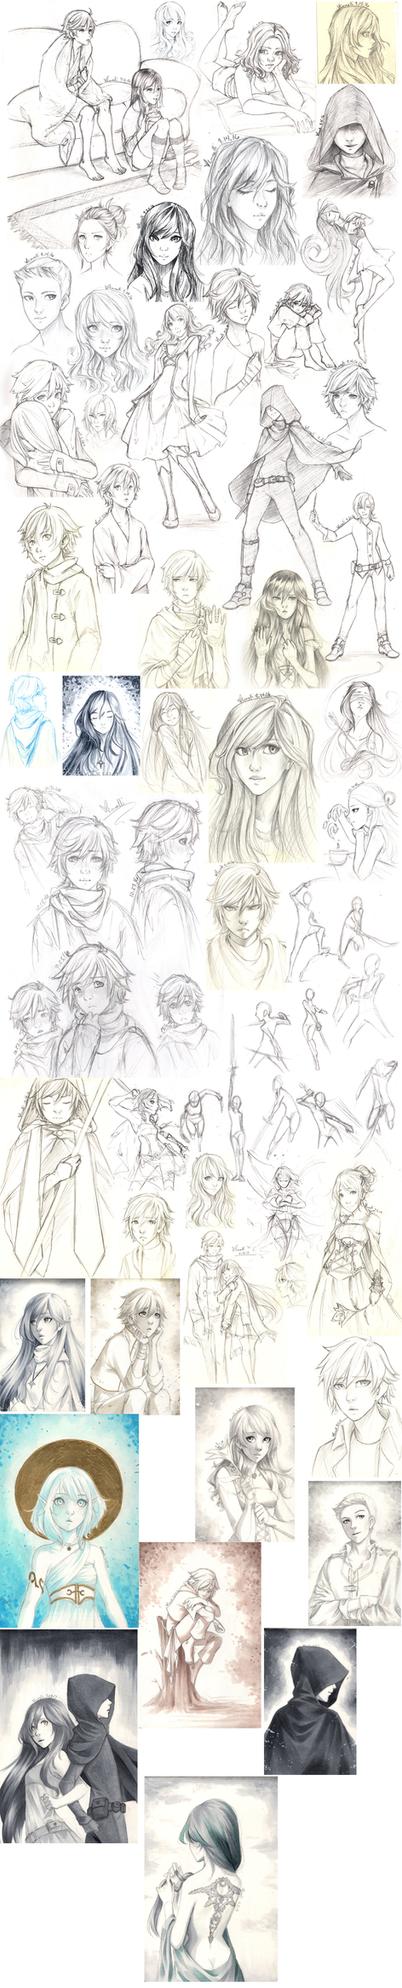 Sketch Dump 5 by Lunalli-Chan